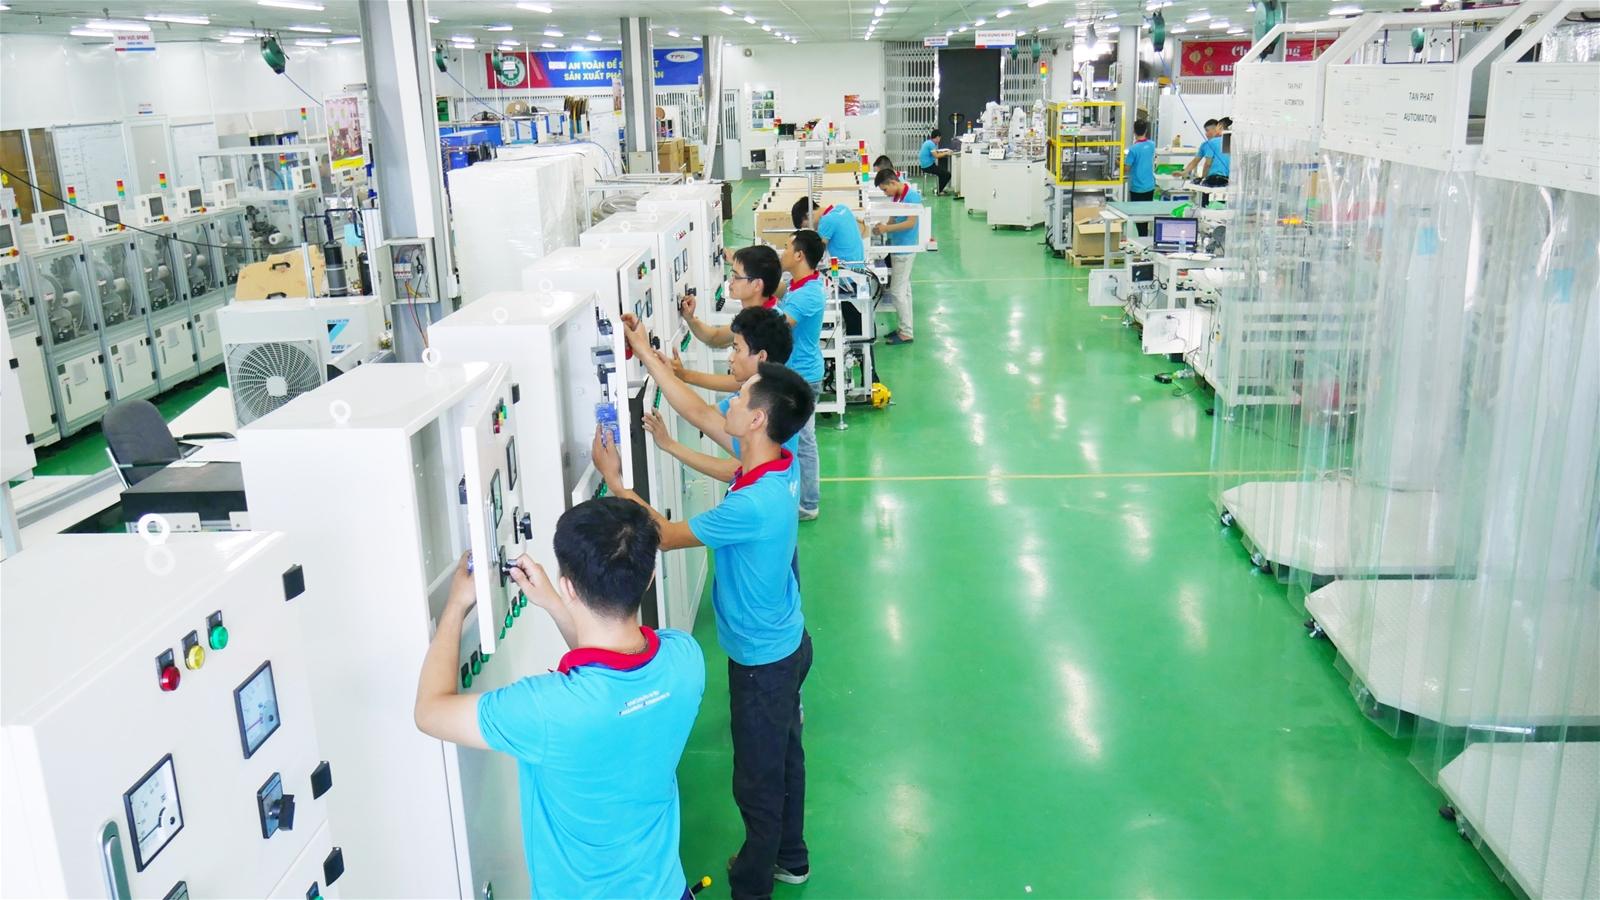 Khu vực sản xuất các thiết bị giáo dục